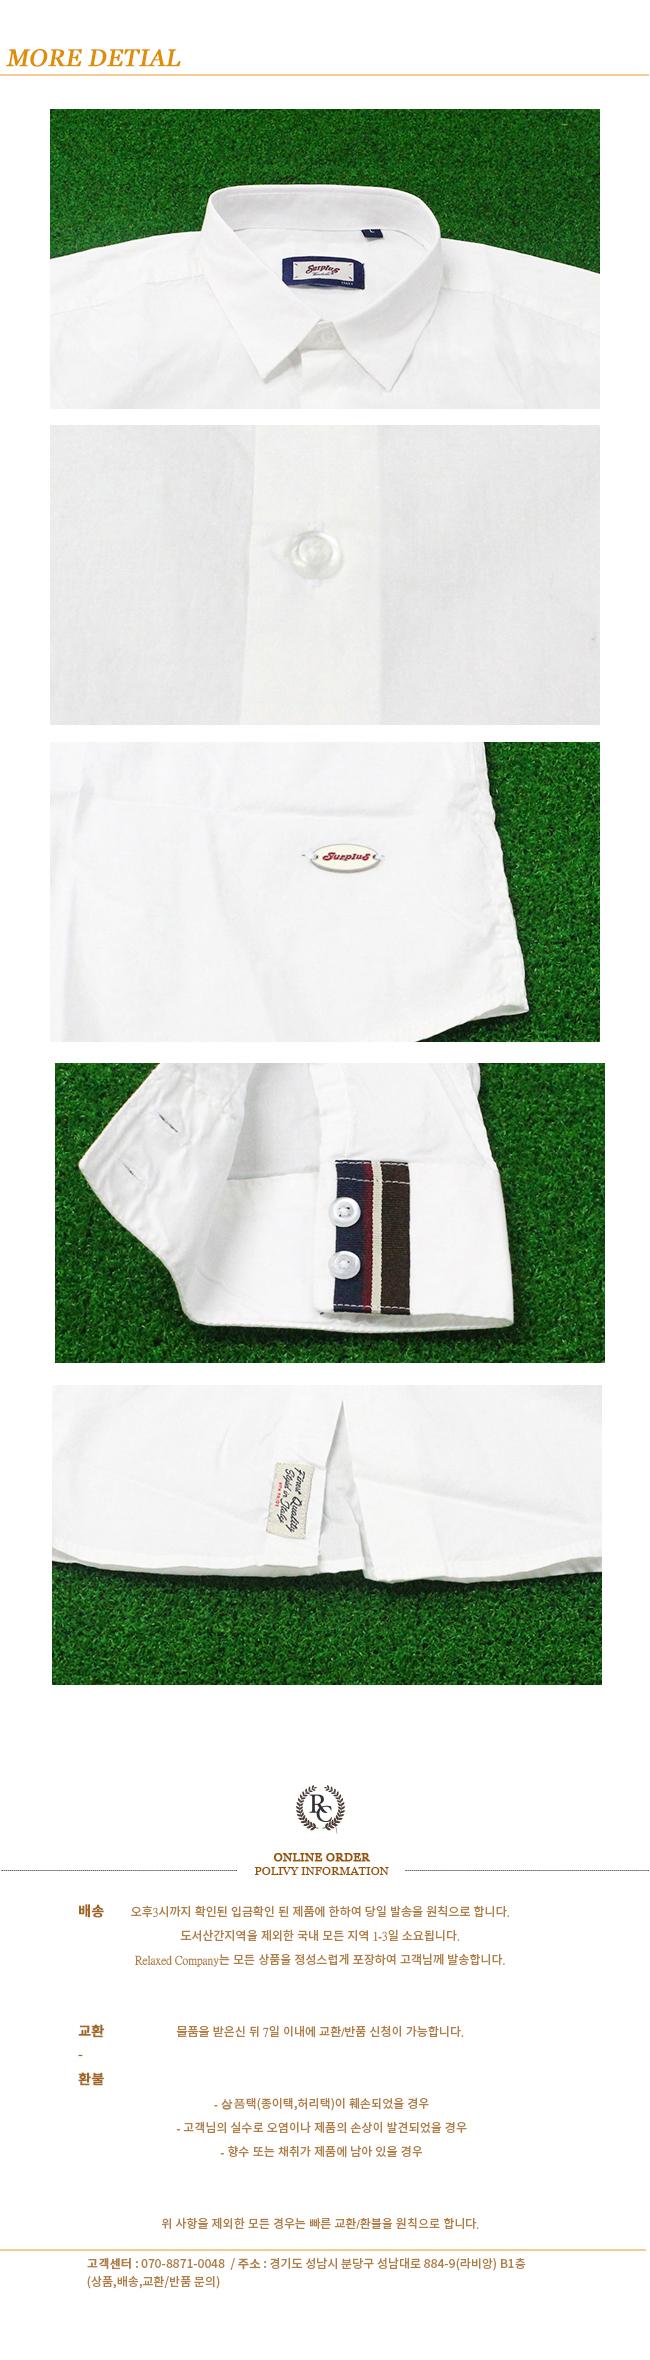 지아니루포(GIANNI LUPO) Sw218101 소매포인트 카라 셔츠(Wh)